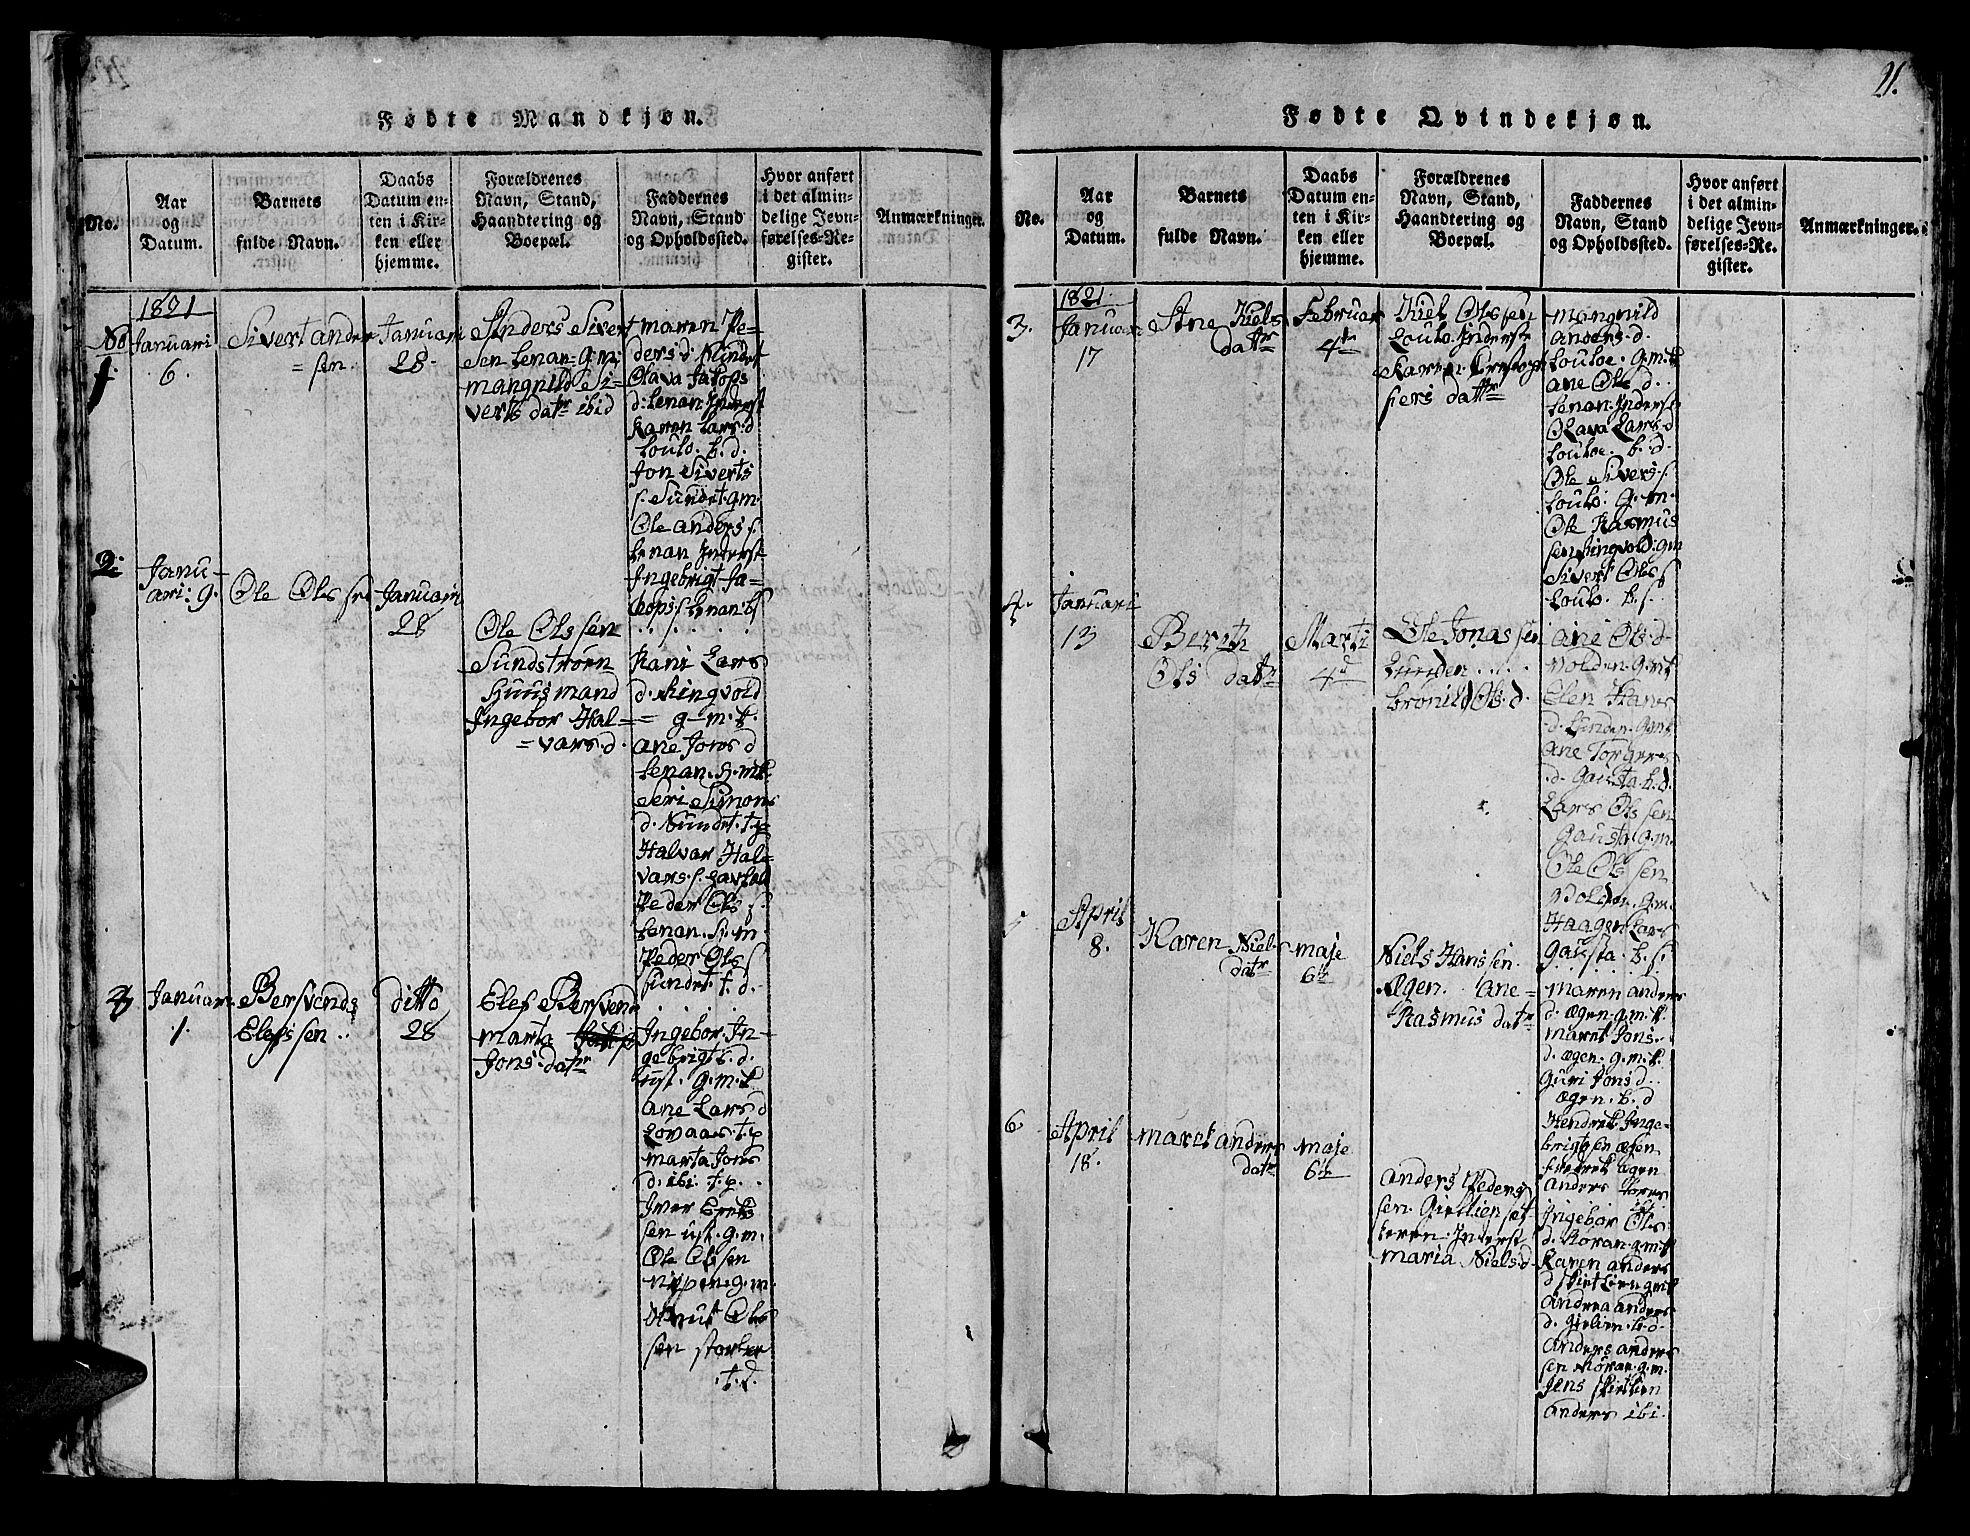 SAT, Ministerialprotokoller, klokkerbøker og fødselsregistre - Sør-Trøndelag, 613/L0393: Klokkerbok nr. 613C01, 1816-1886, s. 21